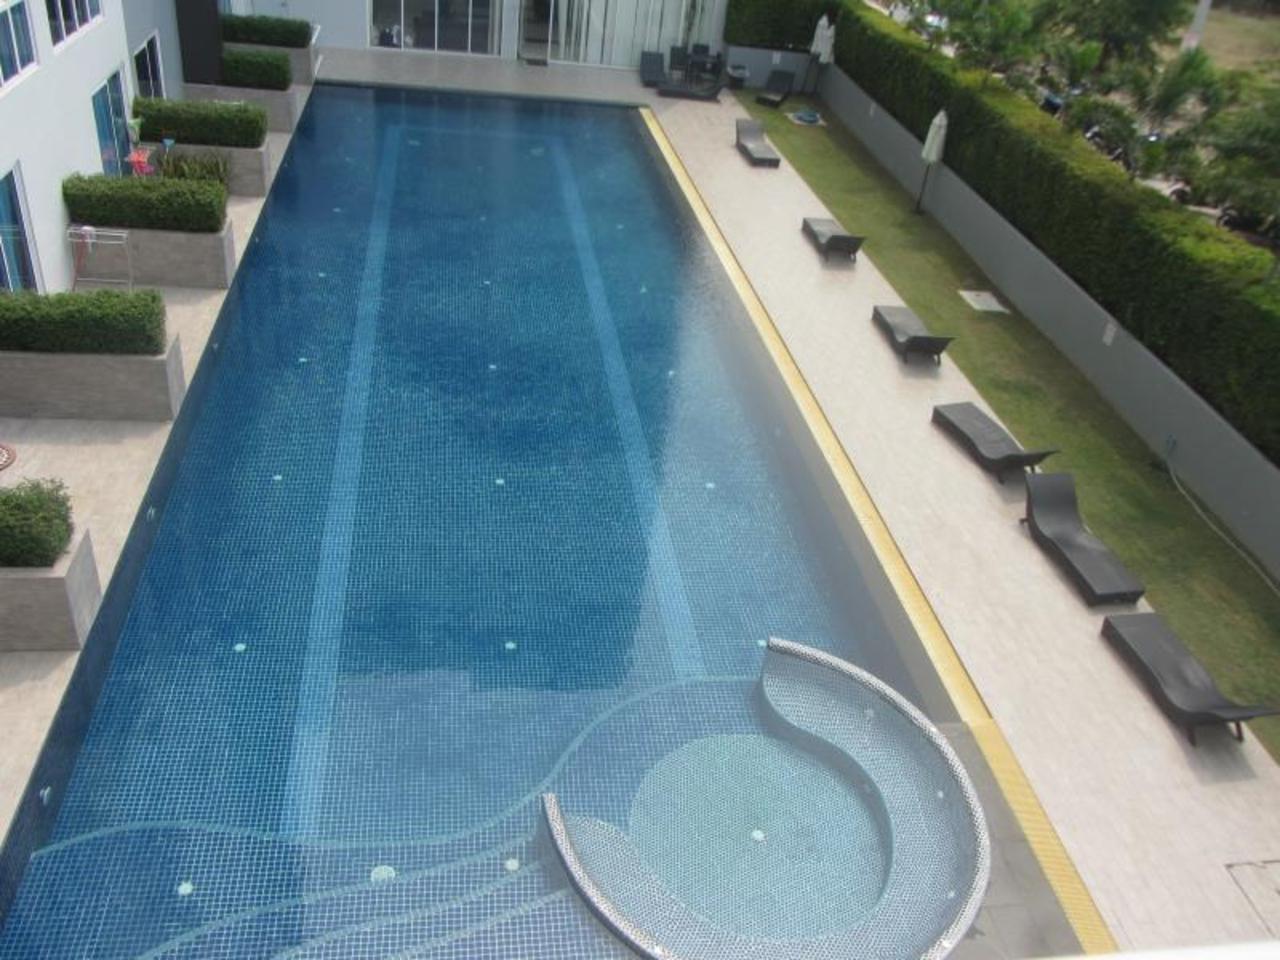 โนวานา เรสซิเดนซ์ บาย พัทยา เลตติ้ง (Novana Residence by Pattaya Lettings)